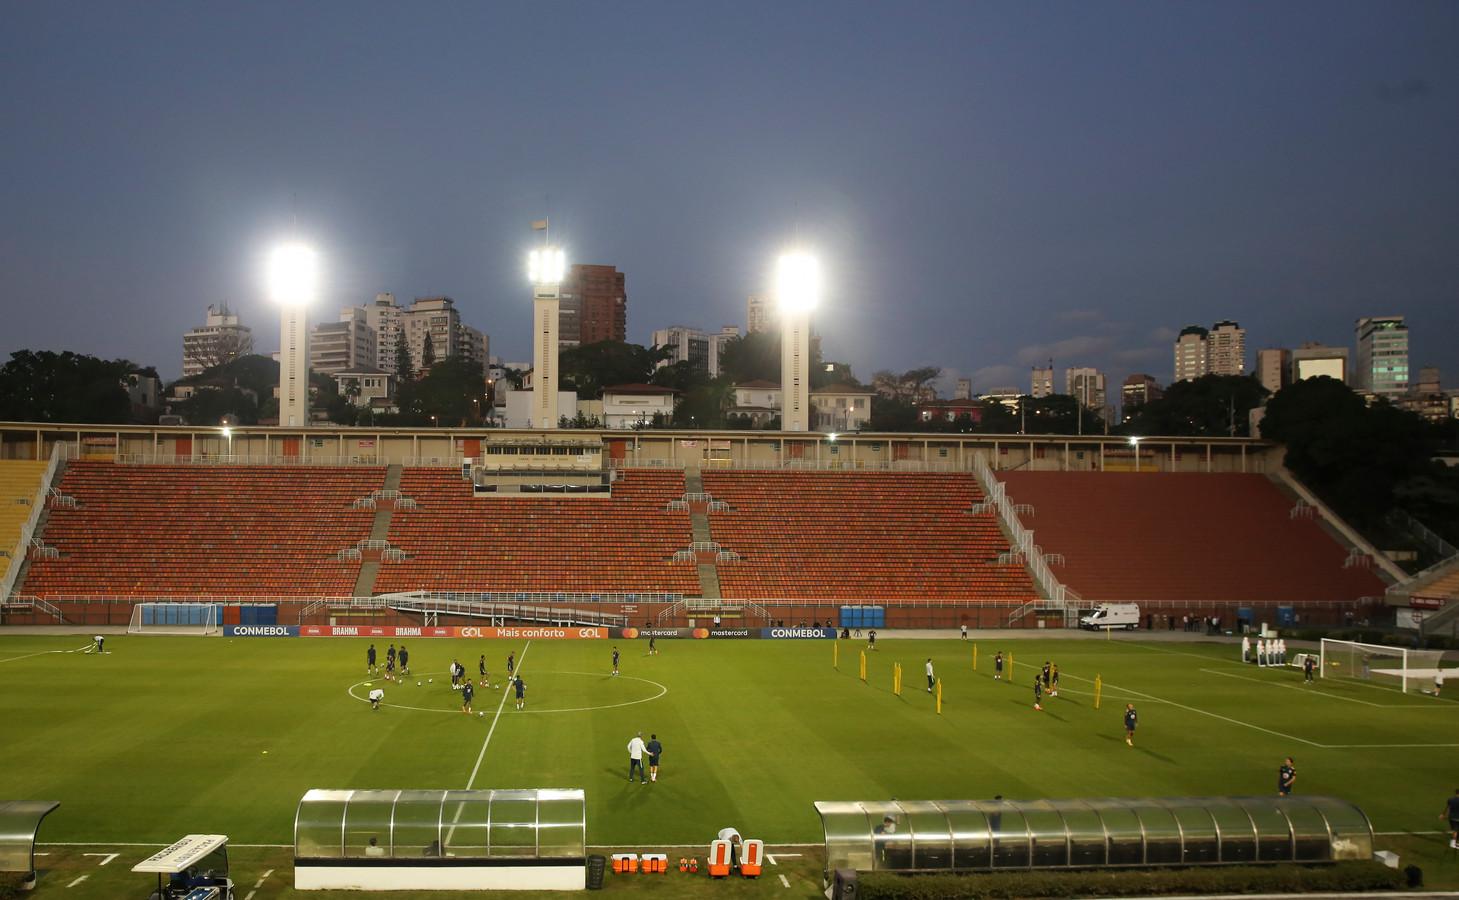 Stadion Pacaembu in Sao Paulo.